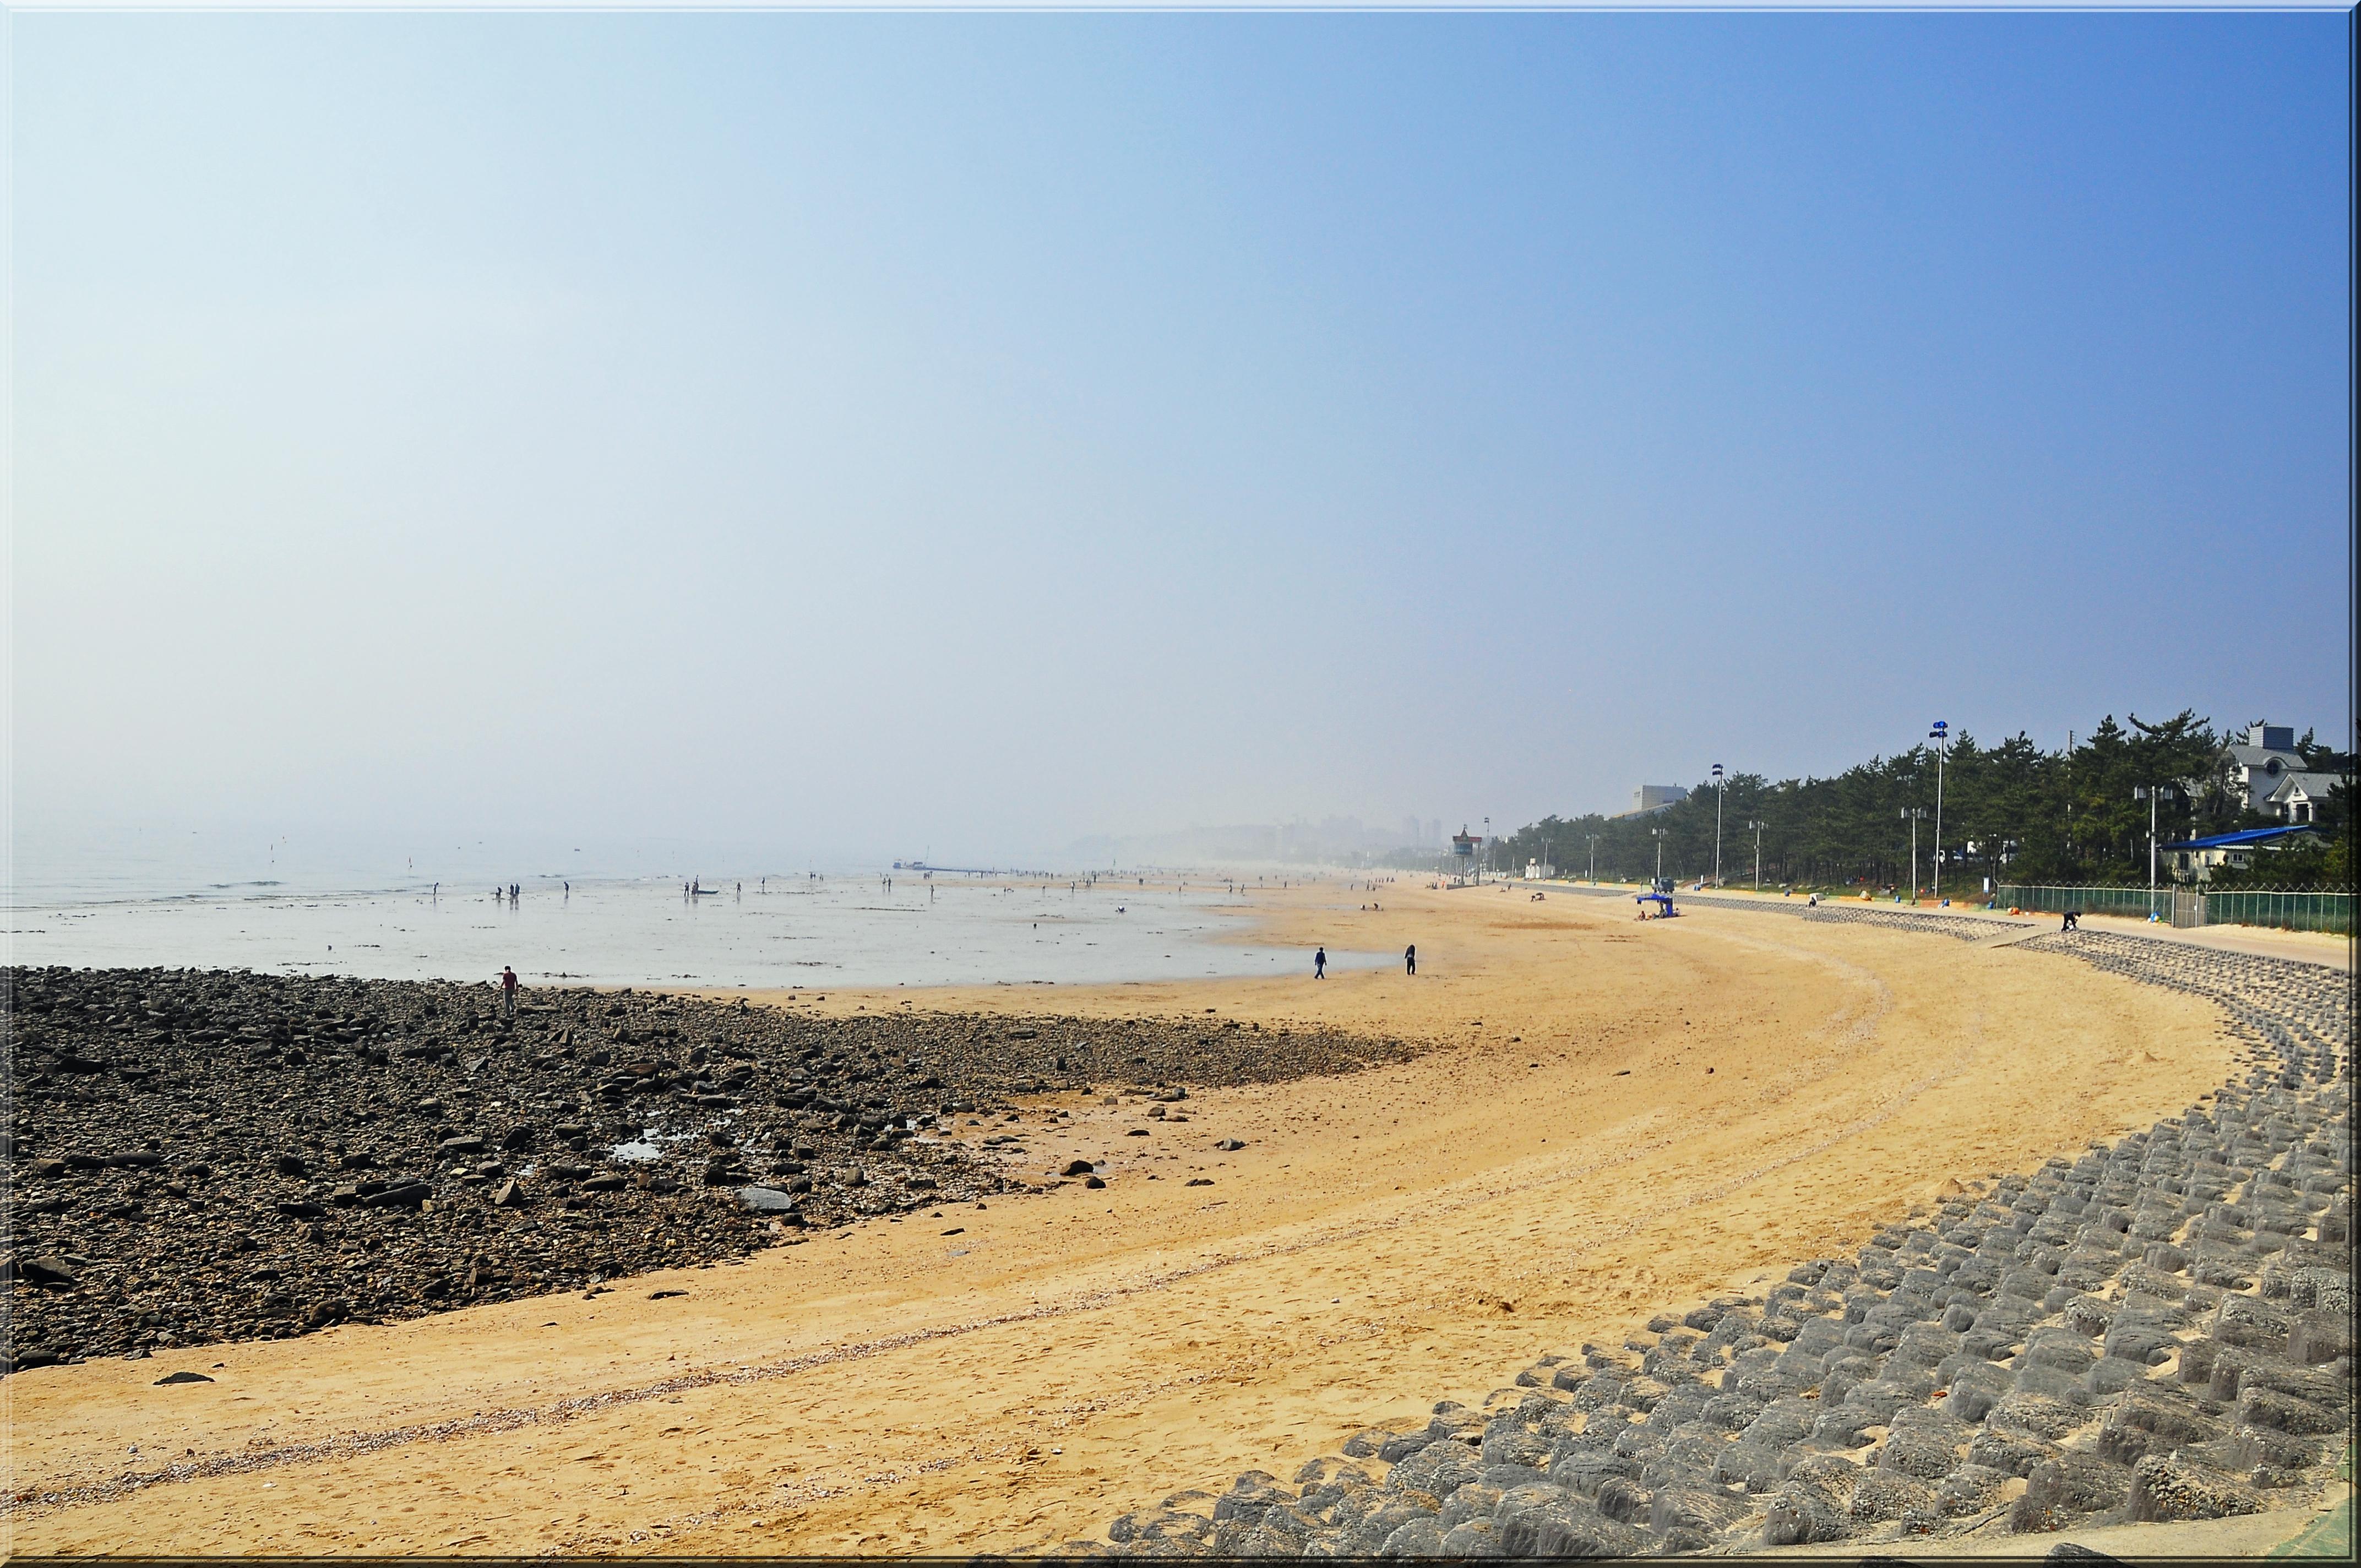 Hazy Day at Daecheon Beach, Korea